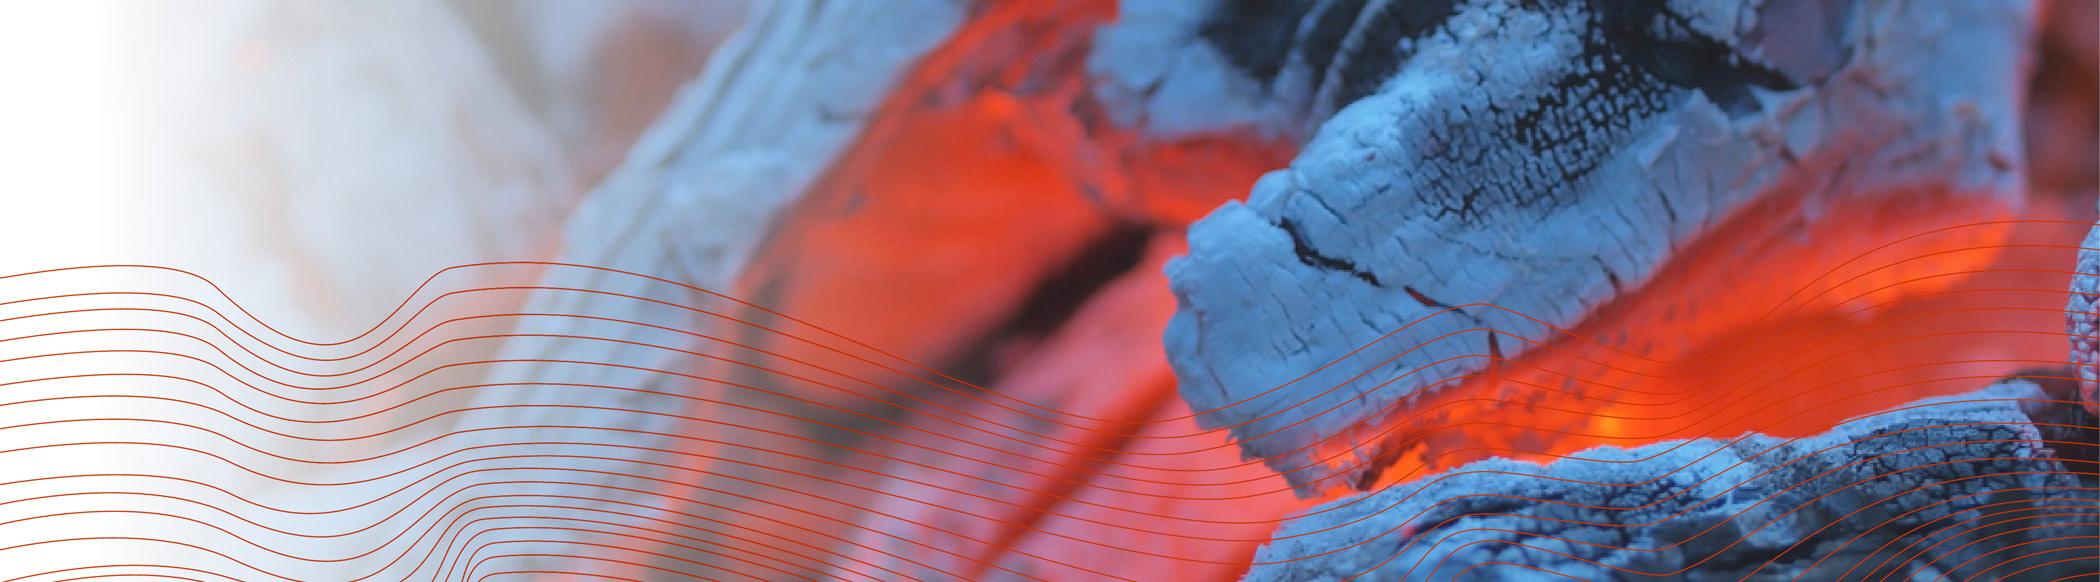 Muri Energie Forum – Feuer